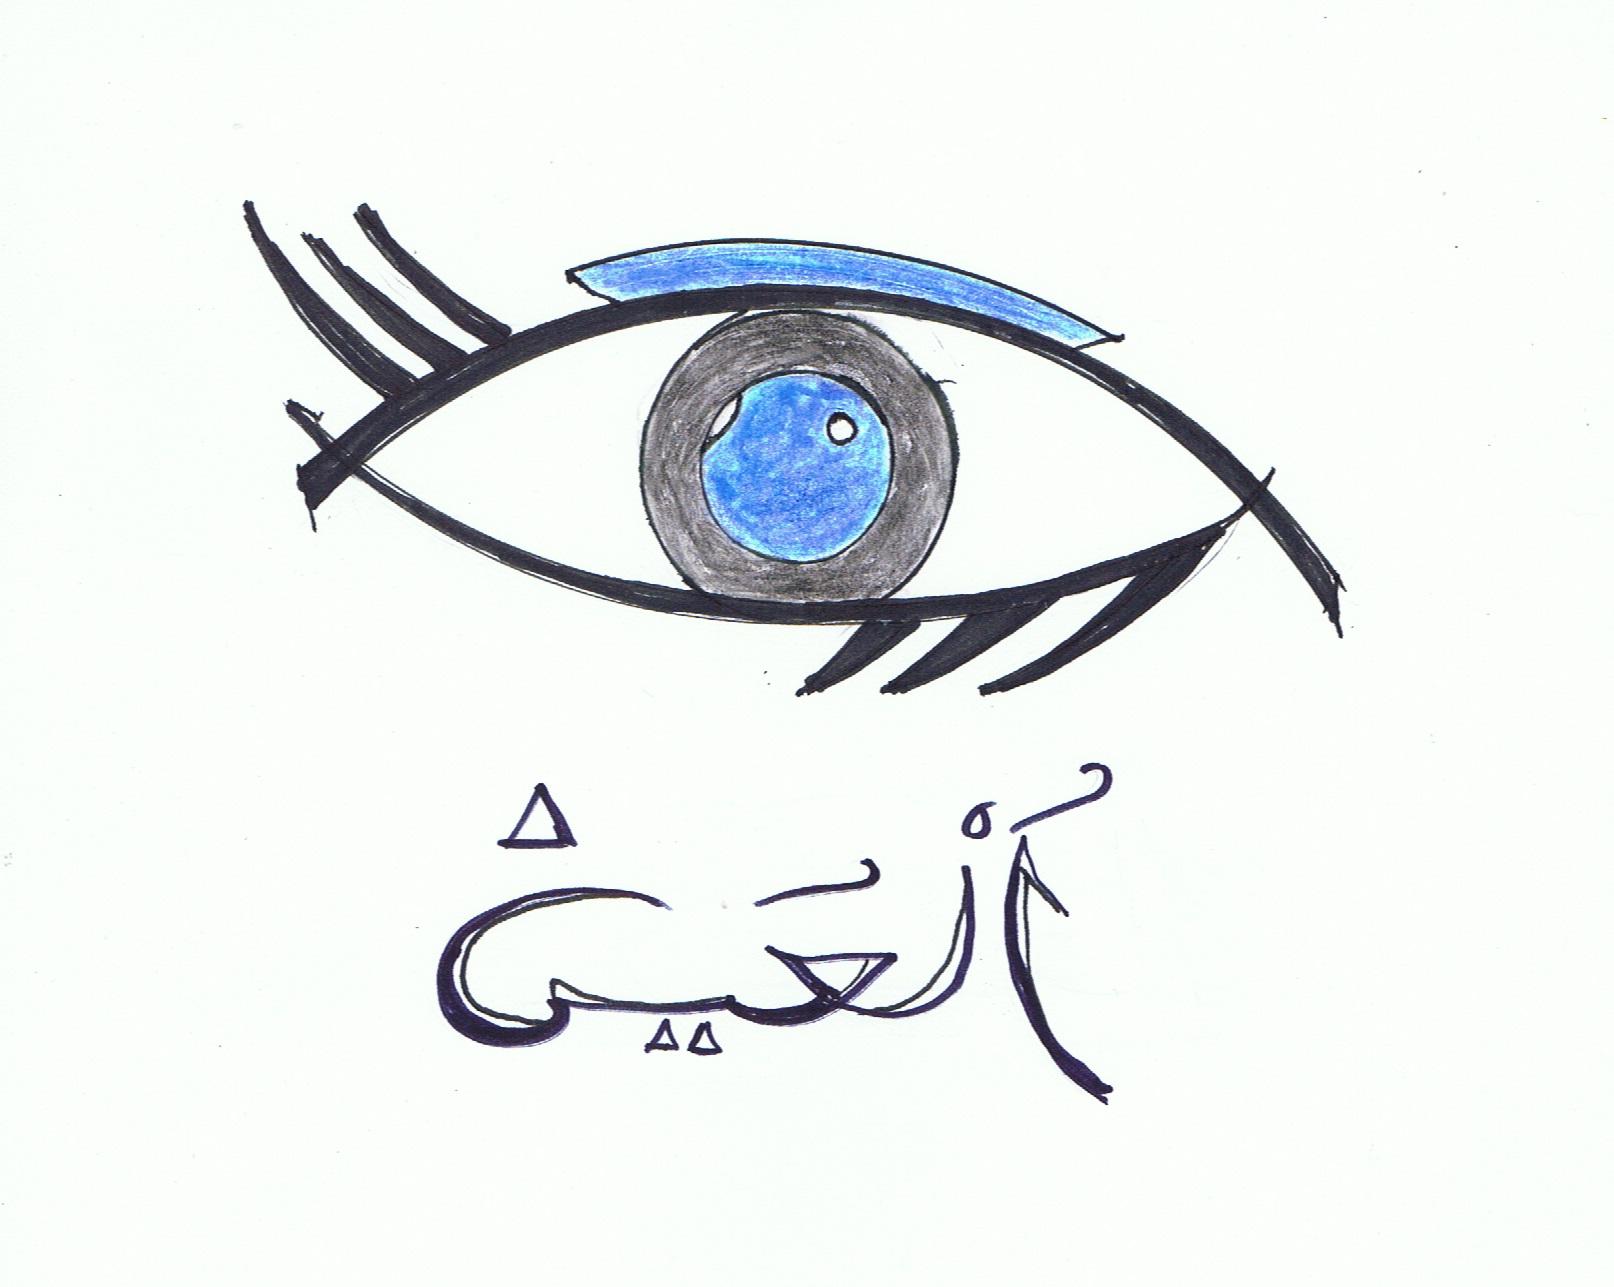 Ziemlich Das Auge Markiert Bilder - Anatomie Und Physiologie Knochen ...